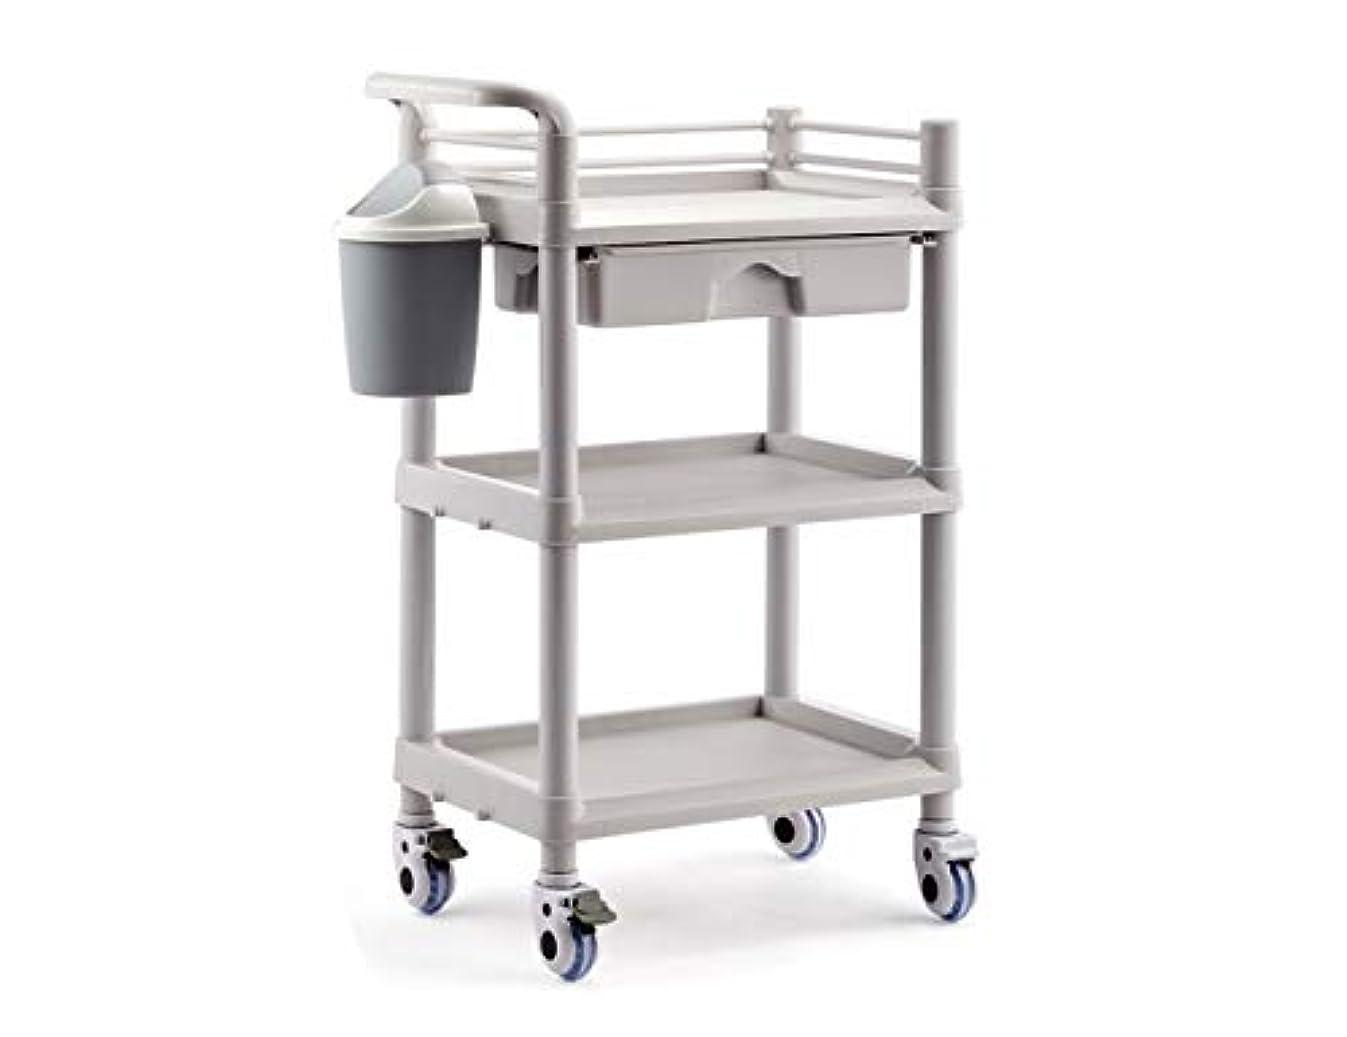 長方形マウス恩恵サロン家具スパ美容トロリーローリングカートゴミ箱2または3層6種類オプション Elitzia ET005 (灰色引き出しとゴミ箱付き3層)